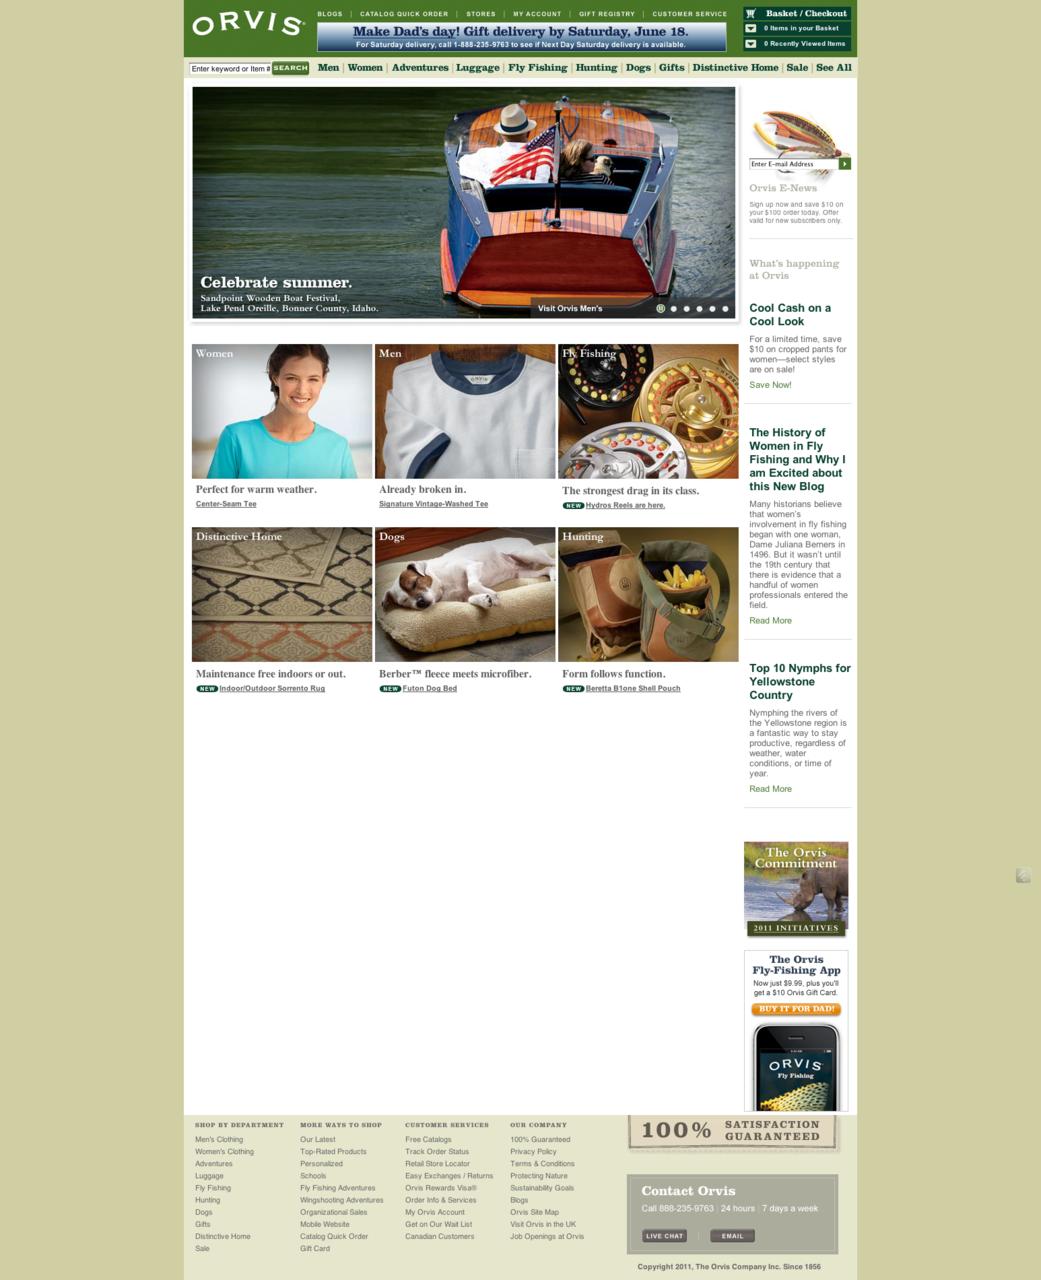 www.orvis.com